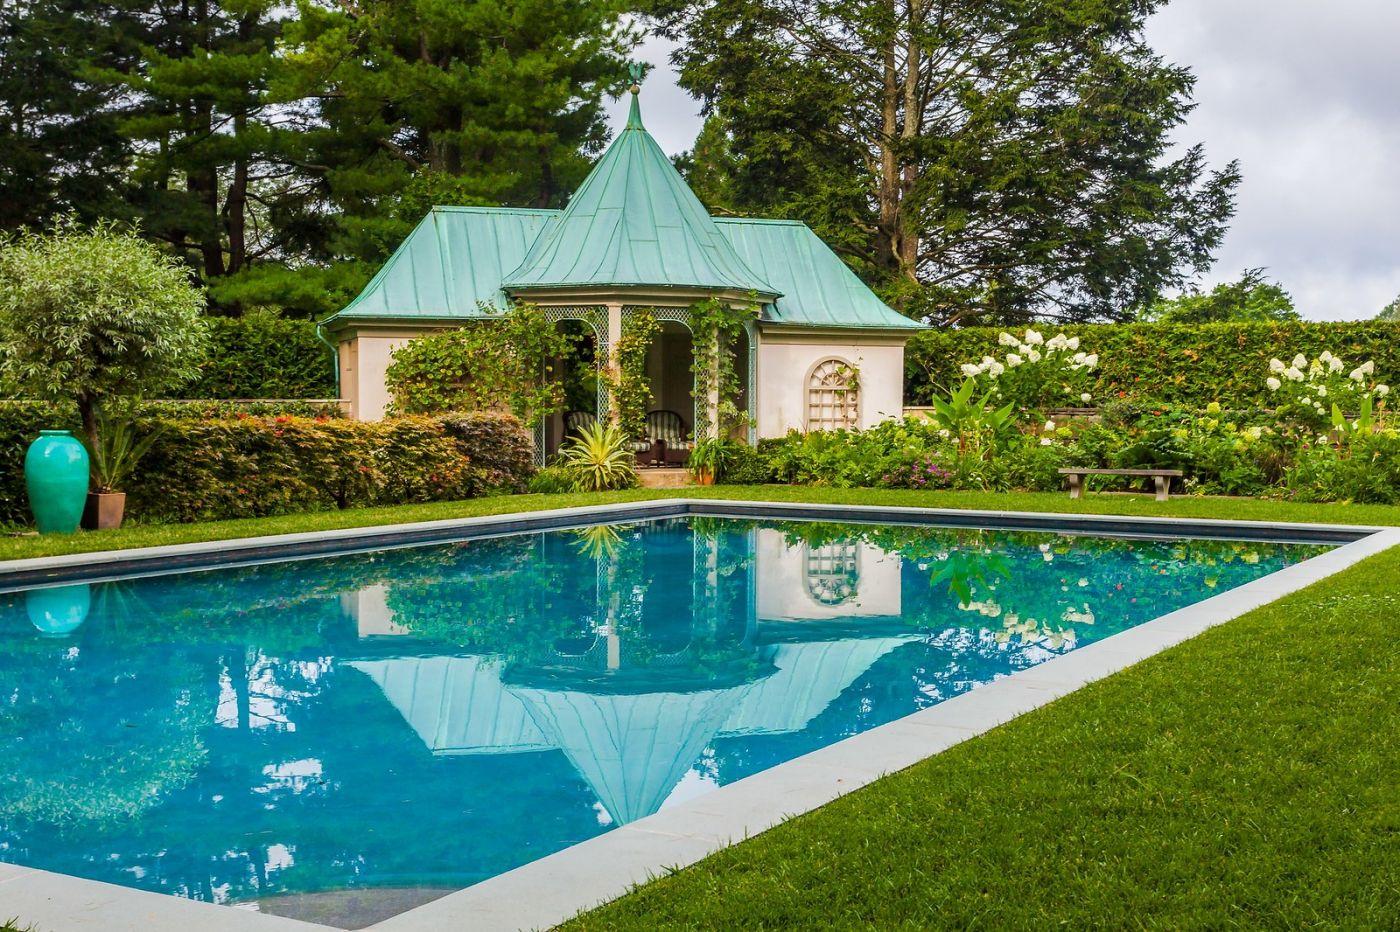 Chanticleer花园,花房泳池_图1-37